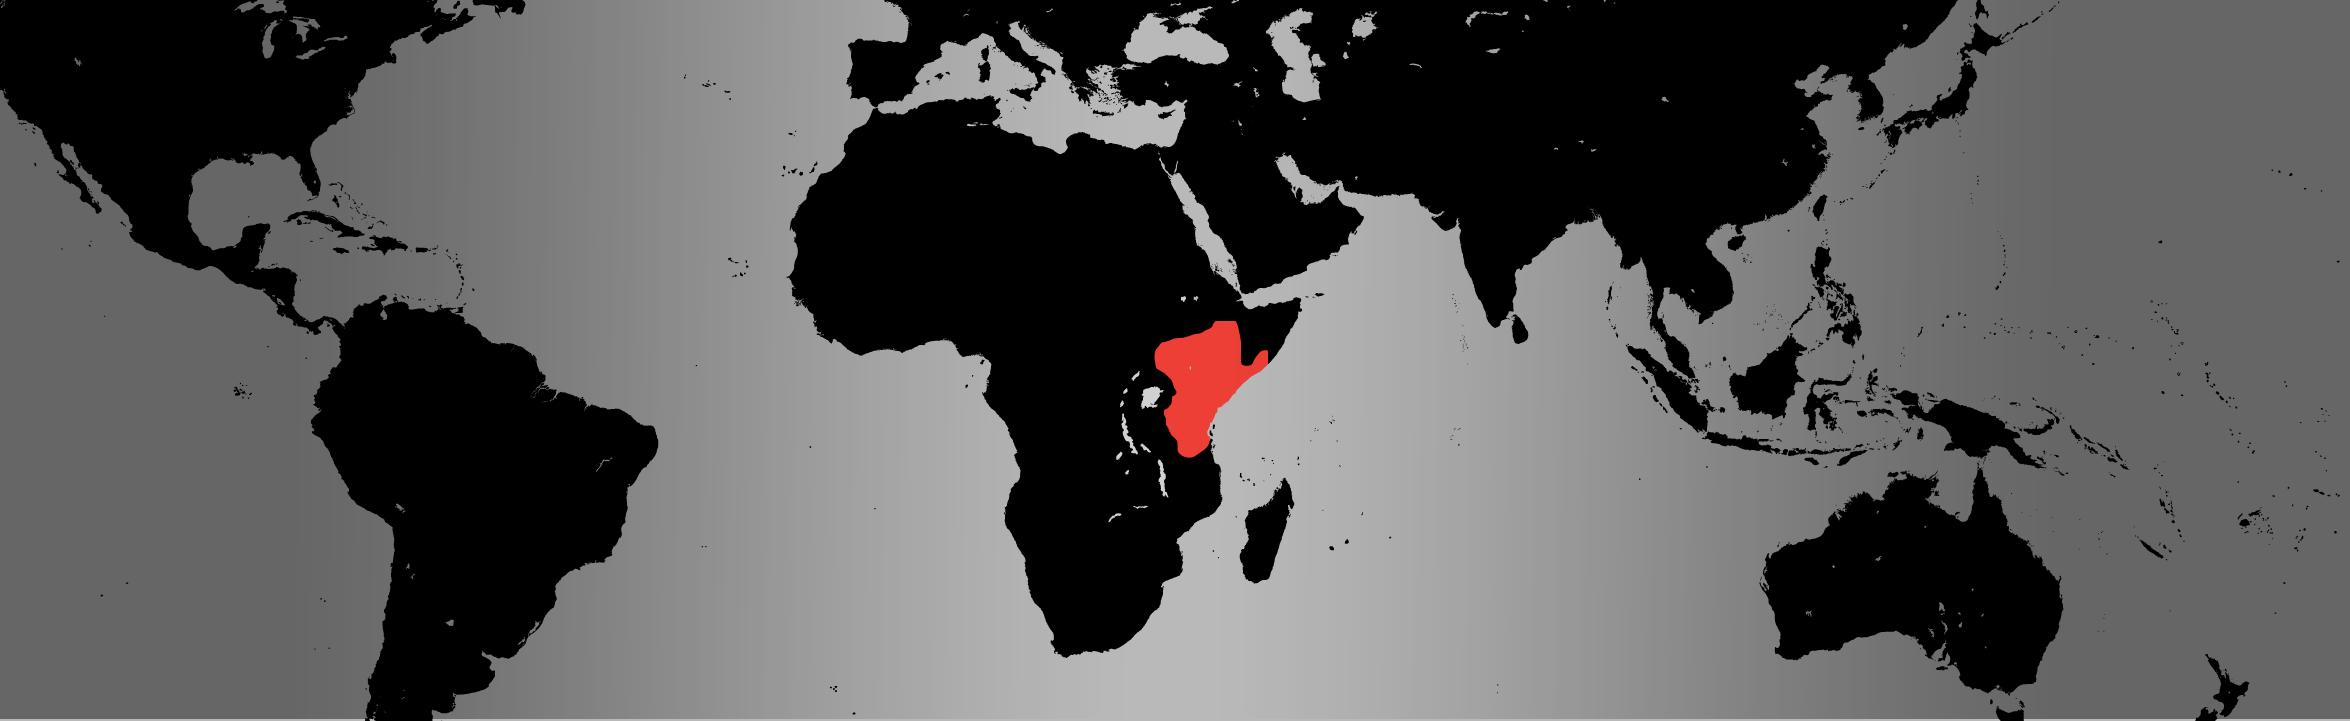 Hornbill map